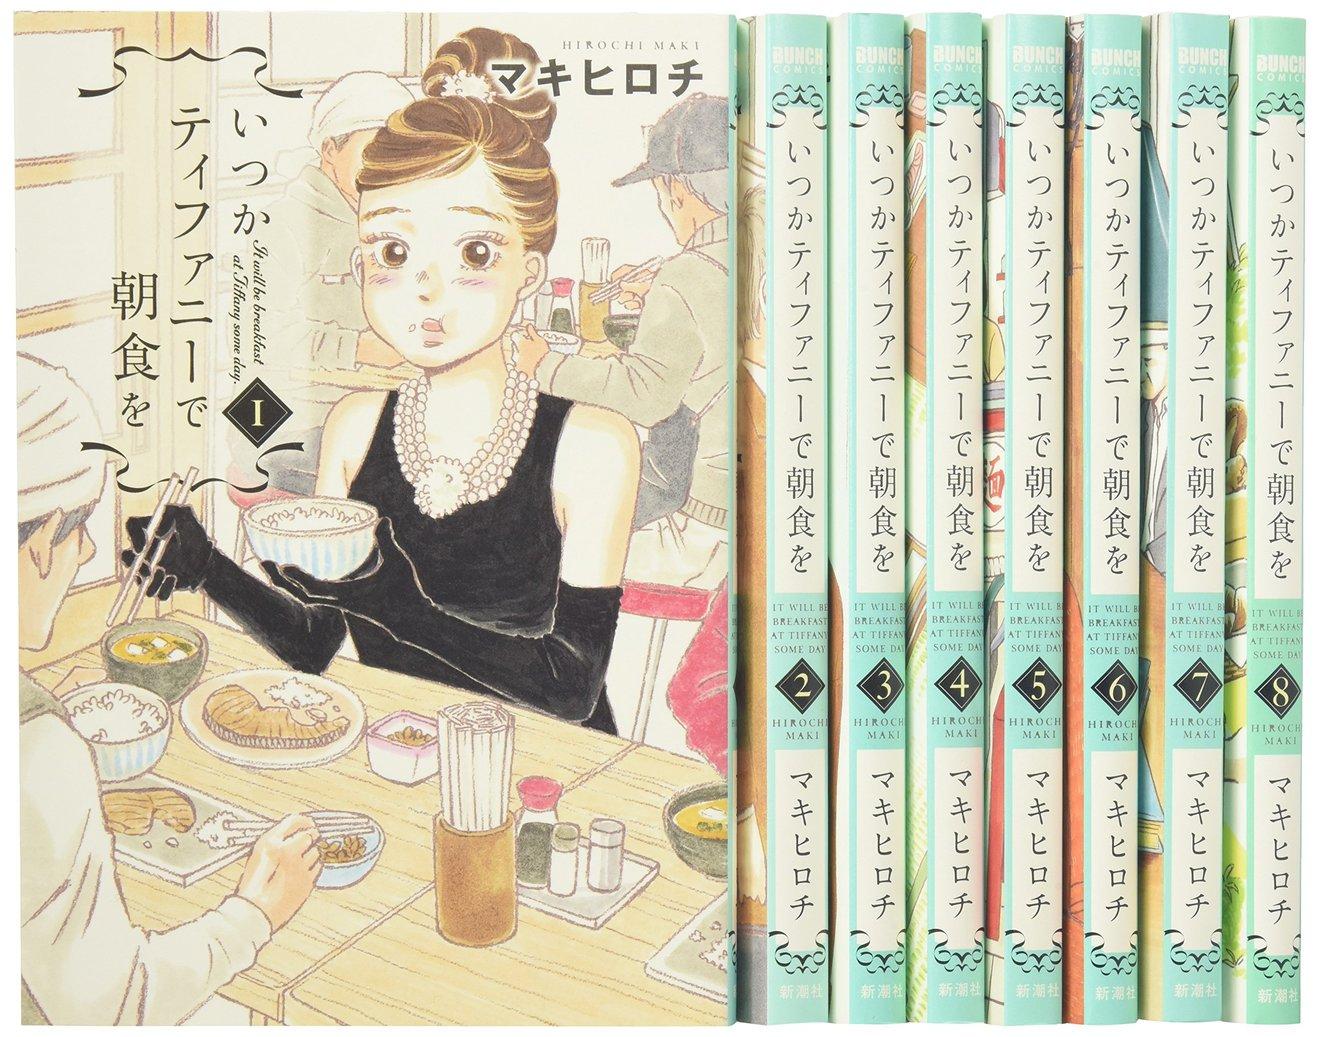 マキヒロチおすすめ漫画ランキングベスト5!ドラマ化「いつティファ」作者!